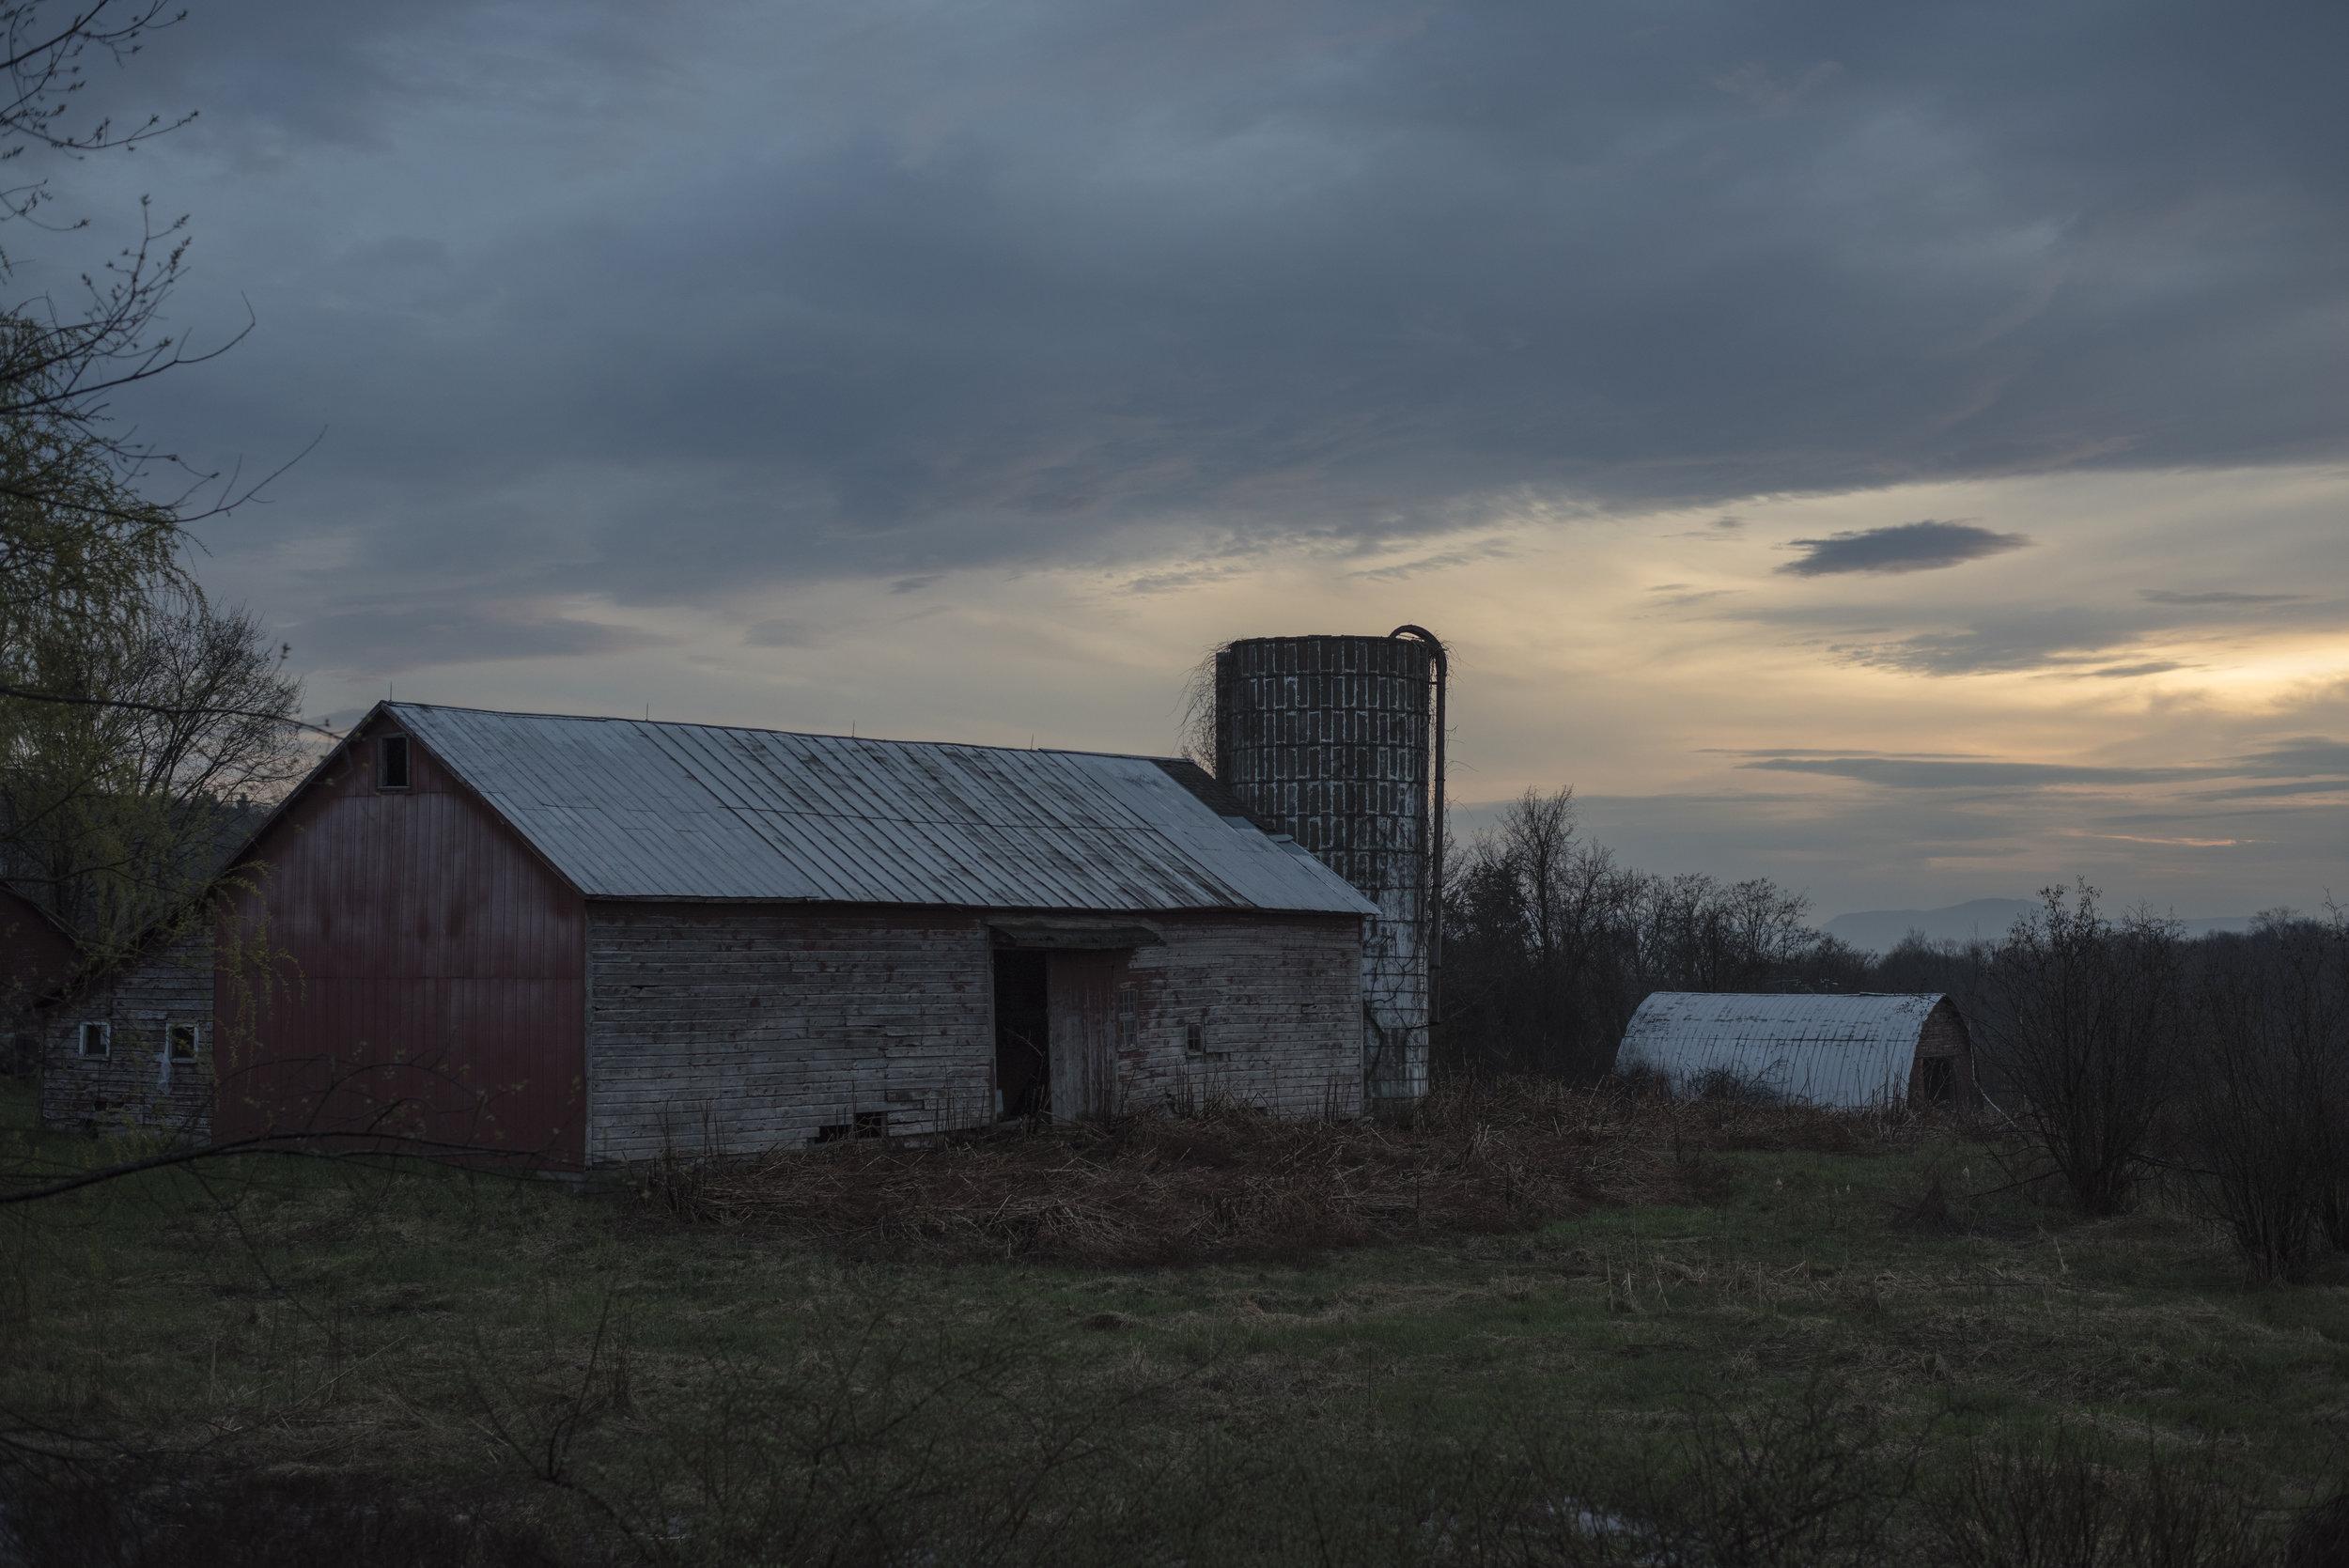 barn_sunset2_41898219631_o.jpg